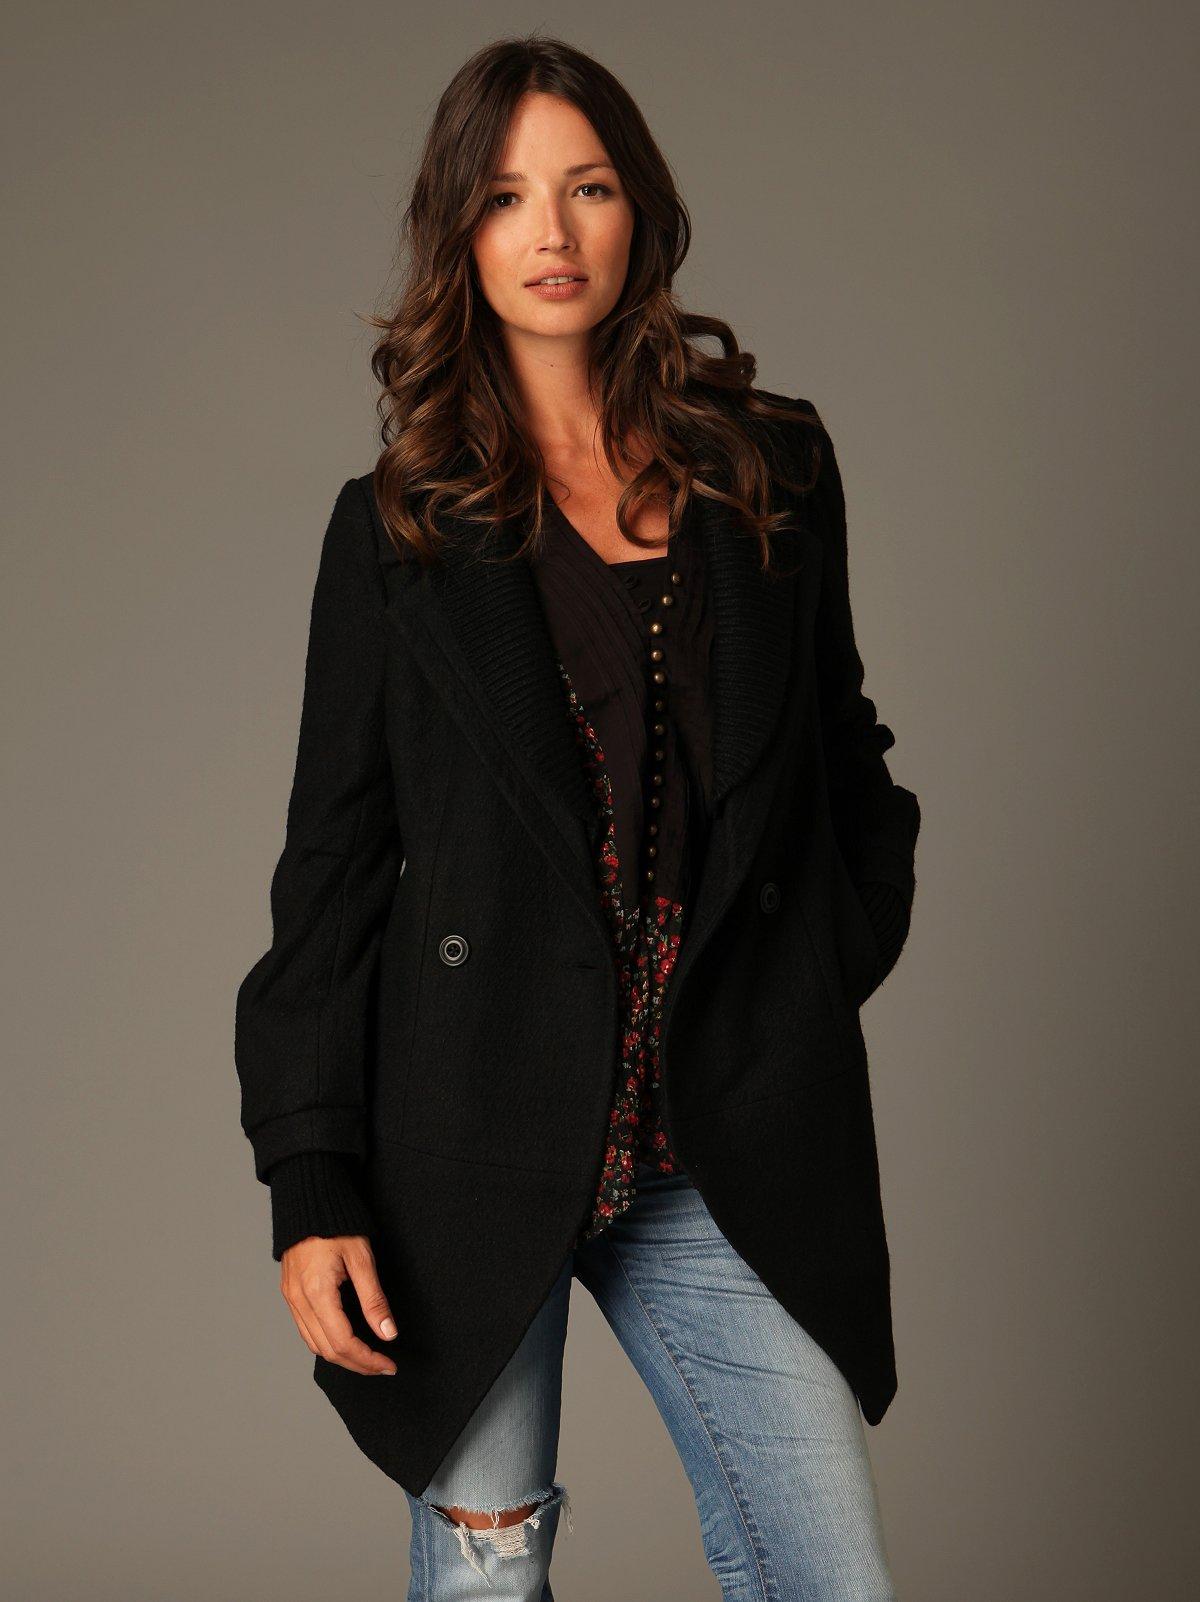 Tailored Gianna Jacket